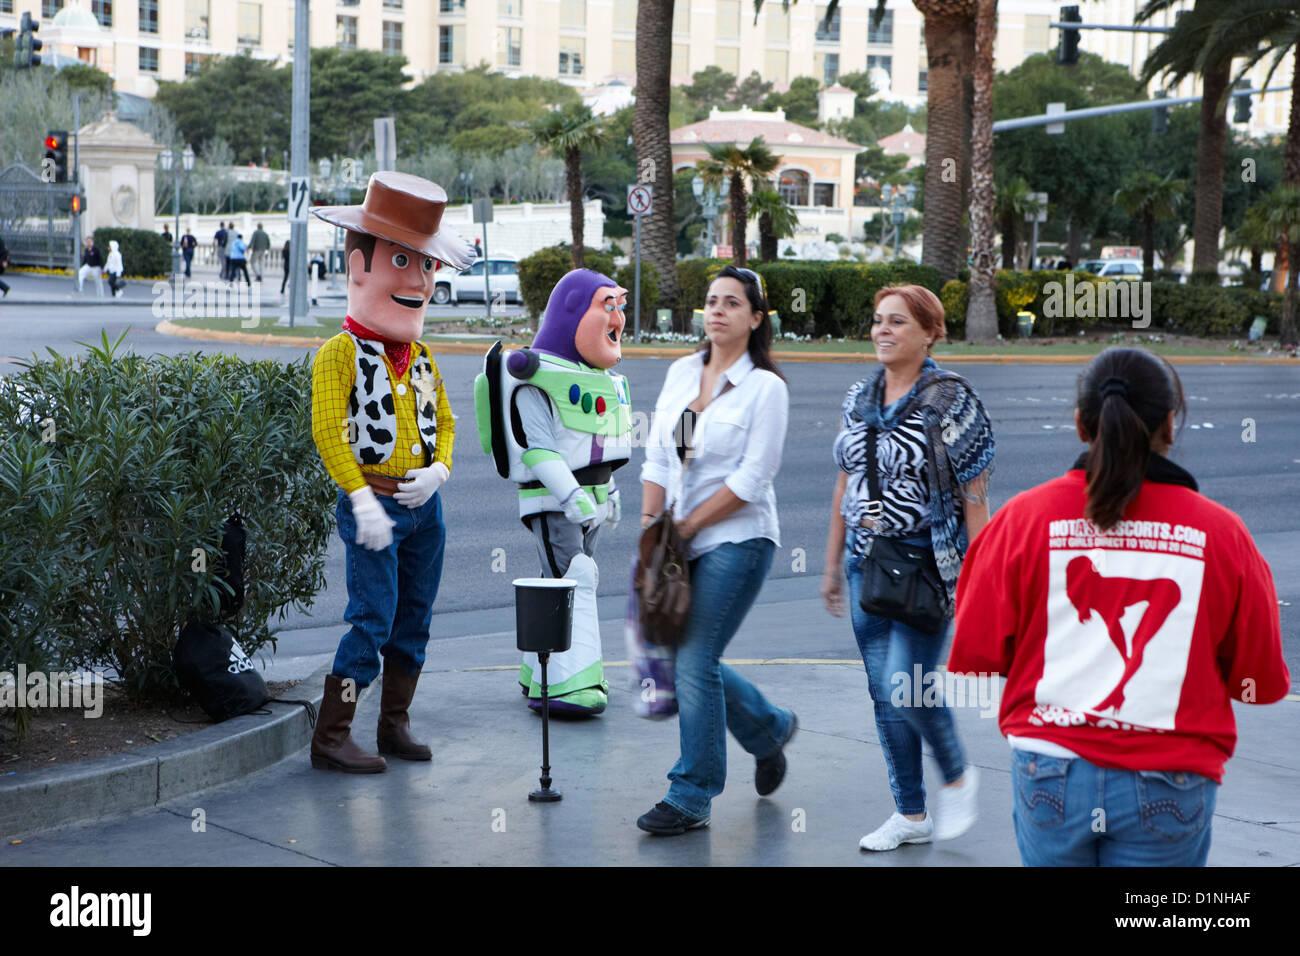 Leute, gekleidet wie Toy Story-Charaktere stehen auf der Straße für Tipps in Las Vegas Boulevard, Nevada, Stockbild